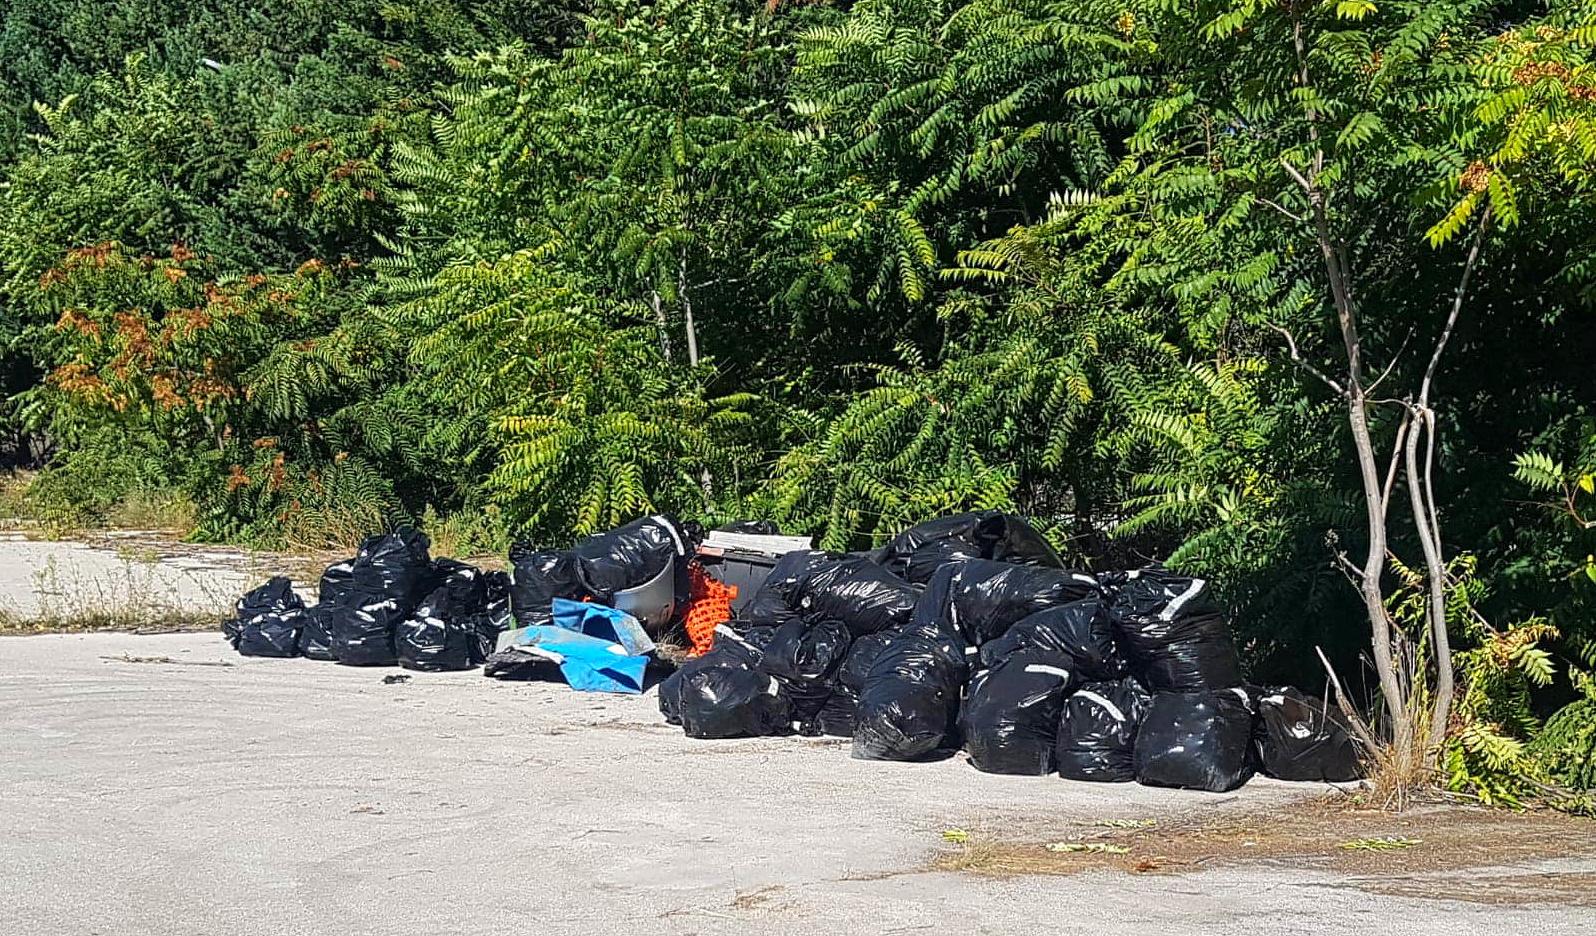 """Celano aderisce all'iniziativa """"Puliamo il mondo"""", Santilli: """"L'ambiente è di tutti, dobbiamo lasciare un mondo migliore ai nostri figli"""""""